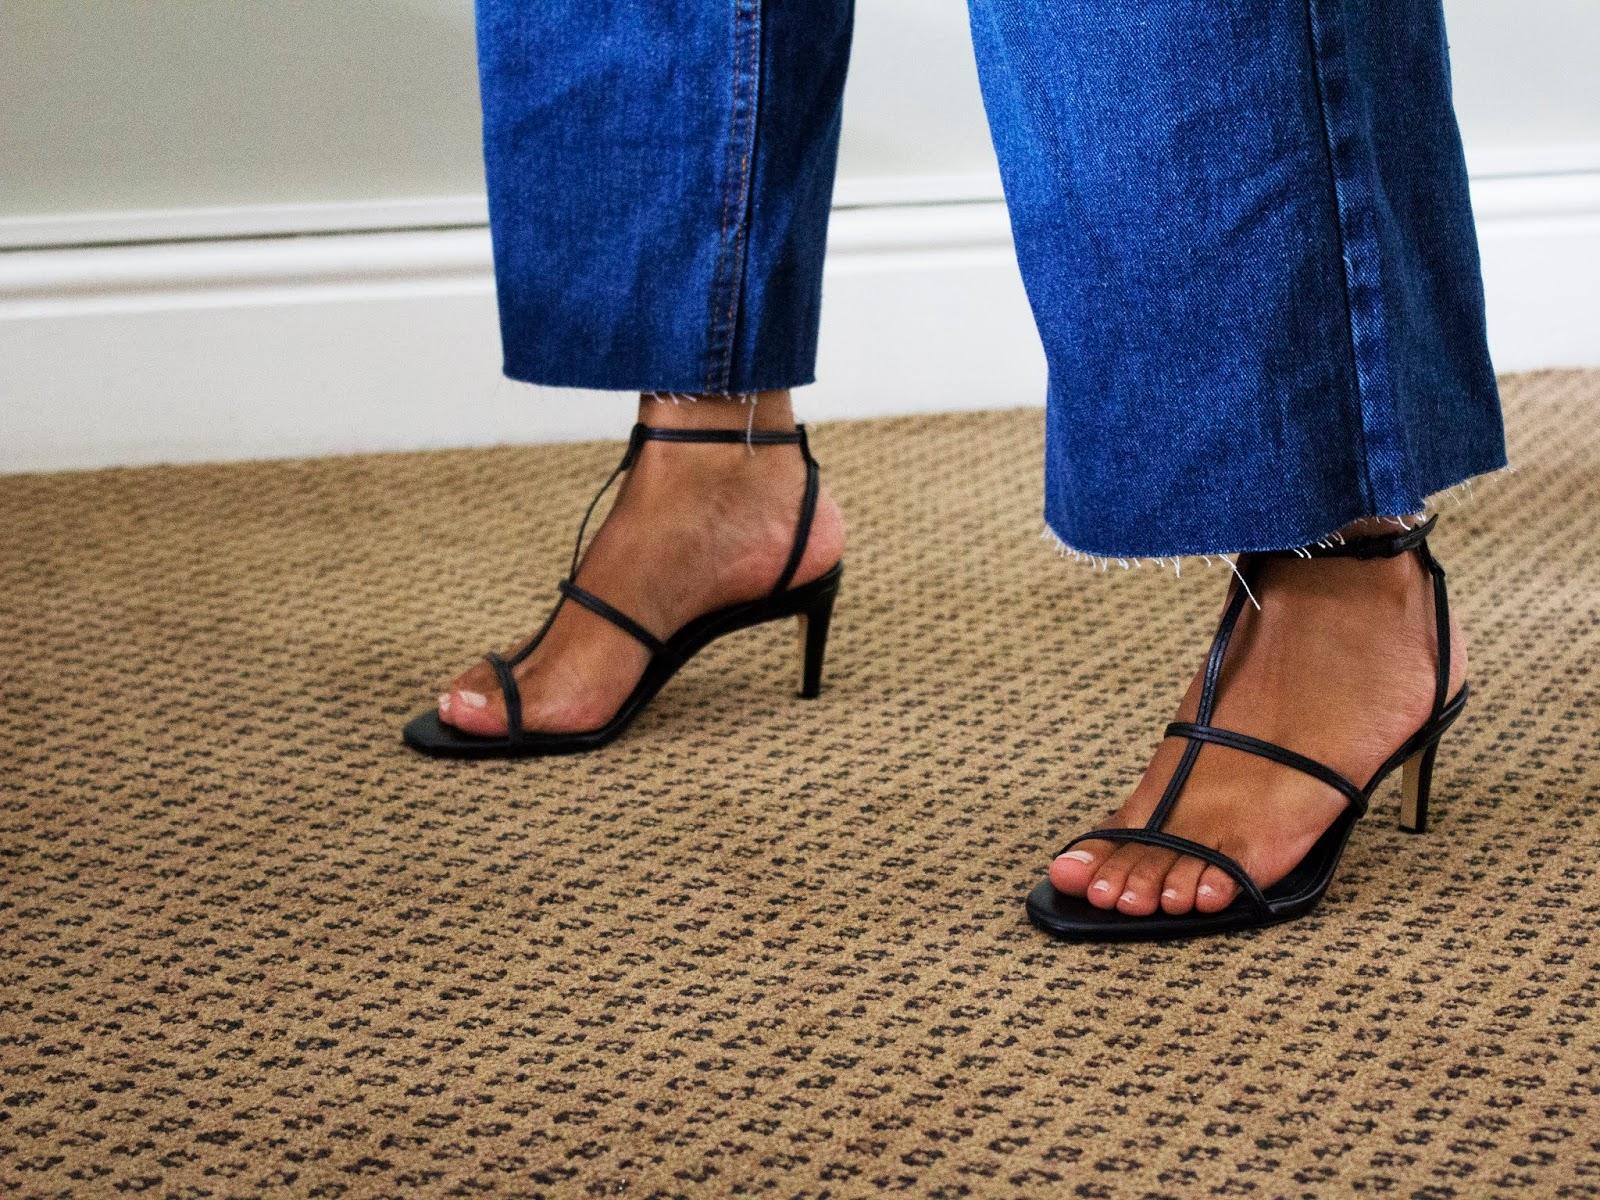 Liezel-Esquire-strappy-sandals